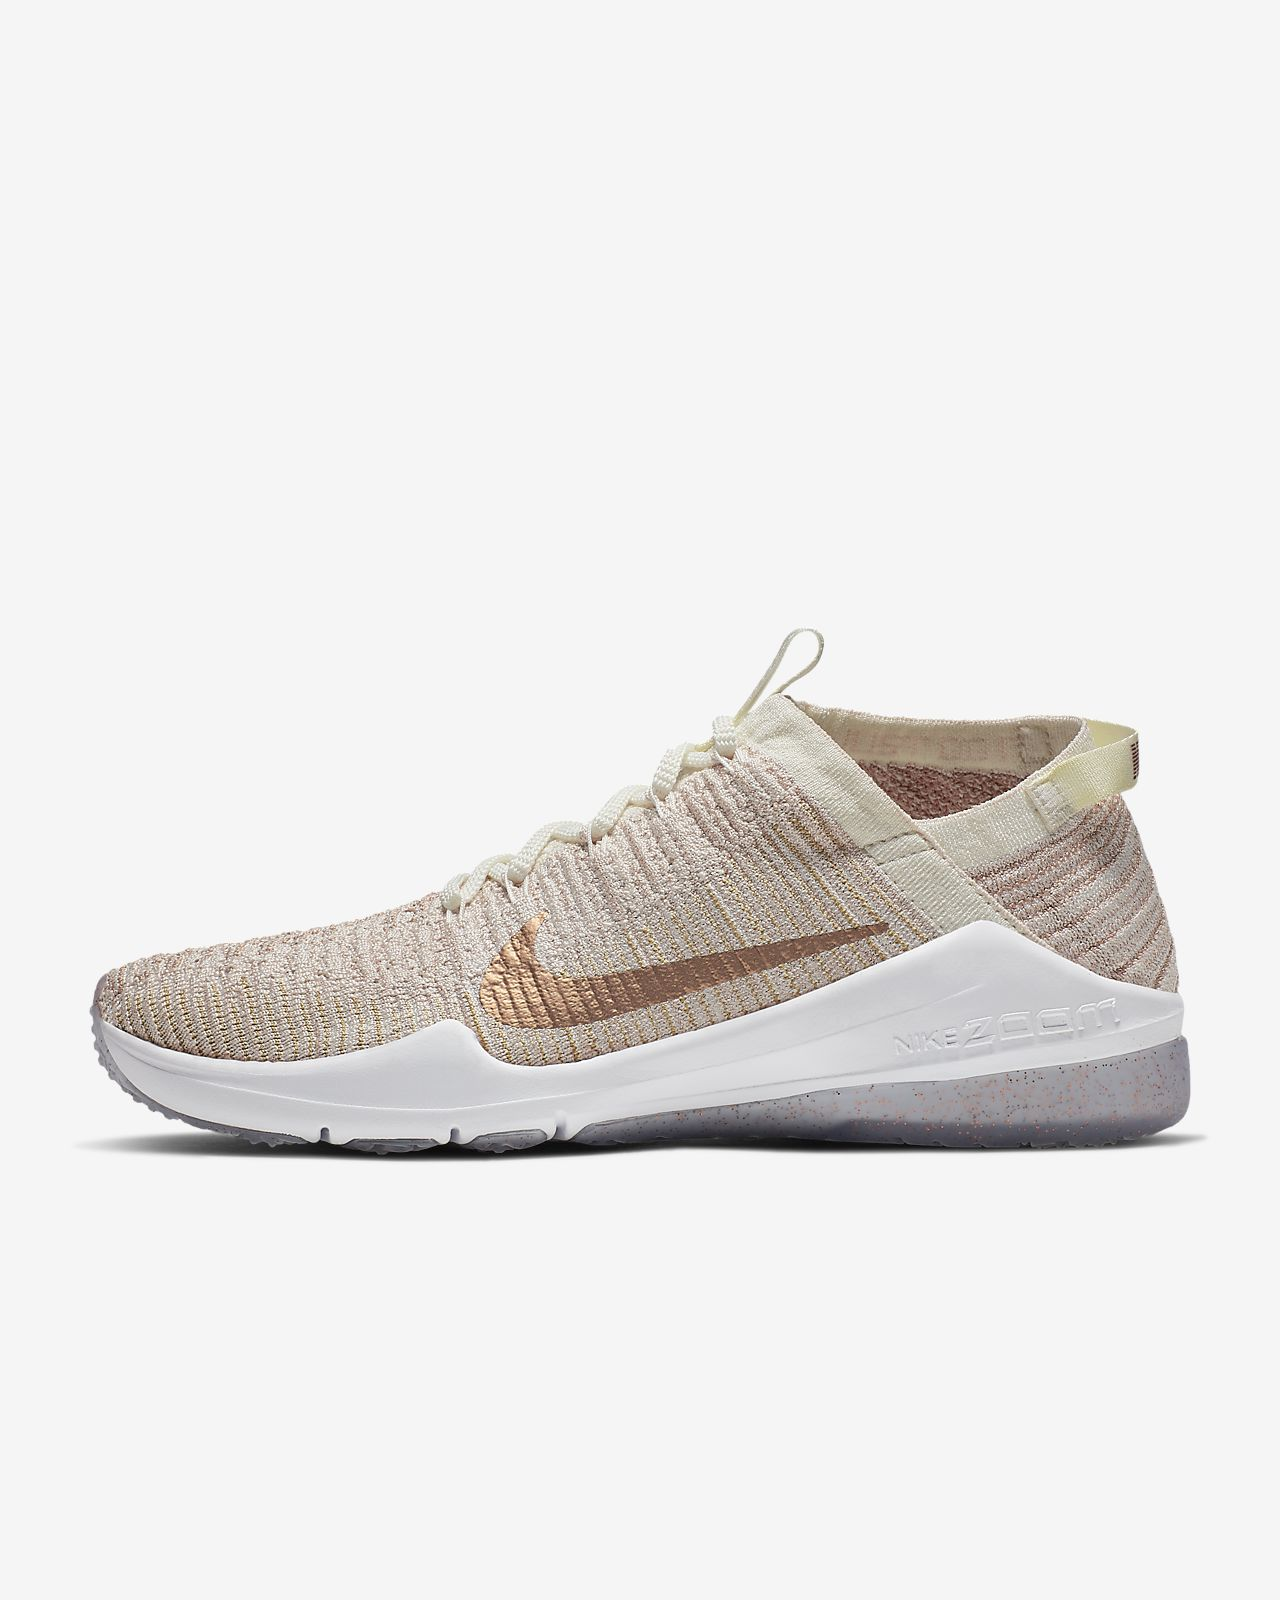 Träningssko Nike Air Zoom Fearless Flyknit 2 Metallic för kvinnor